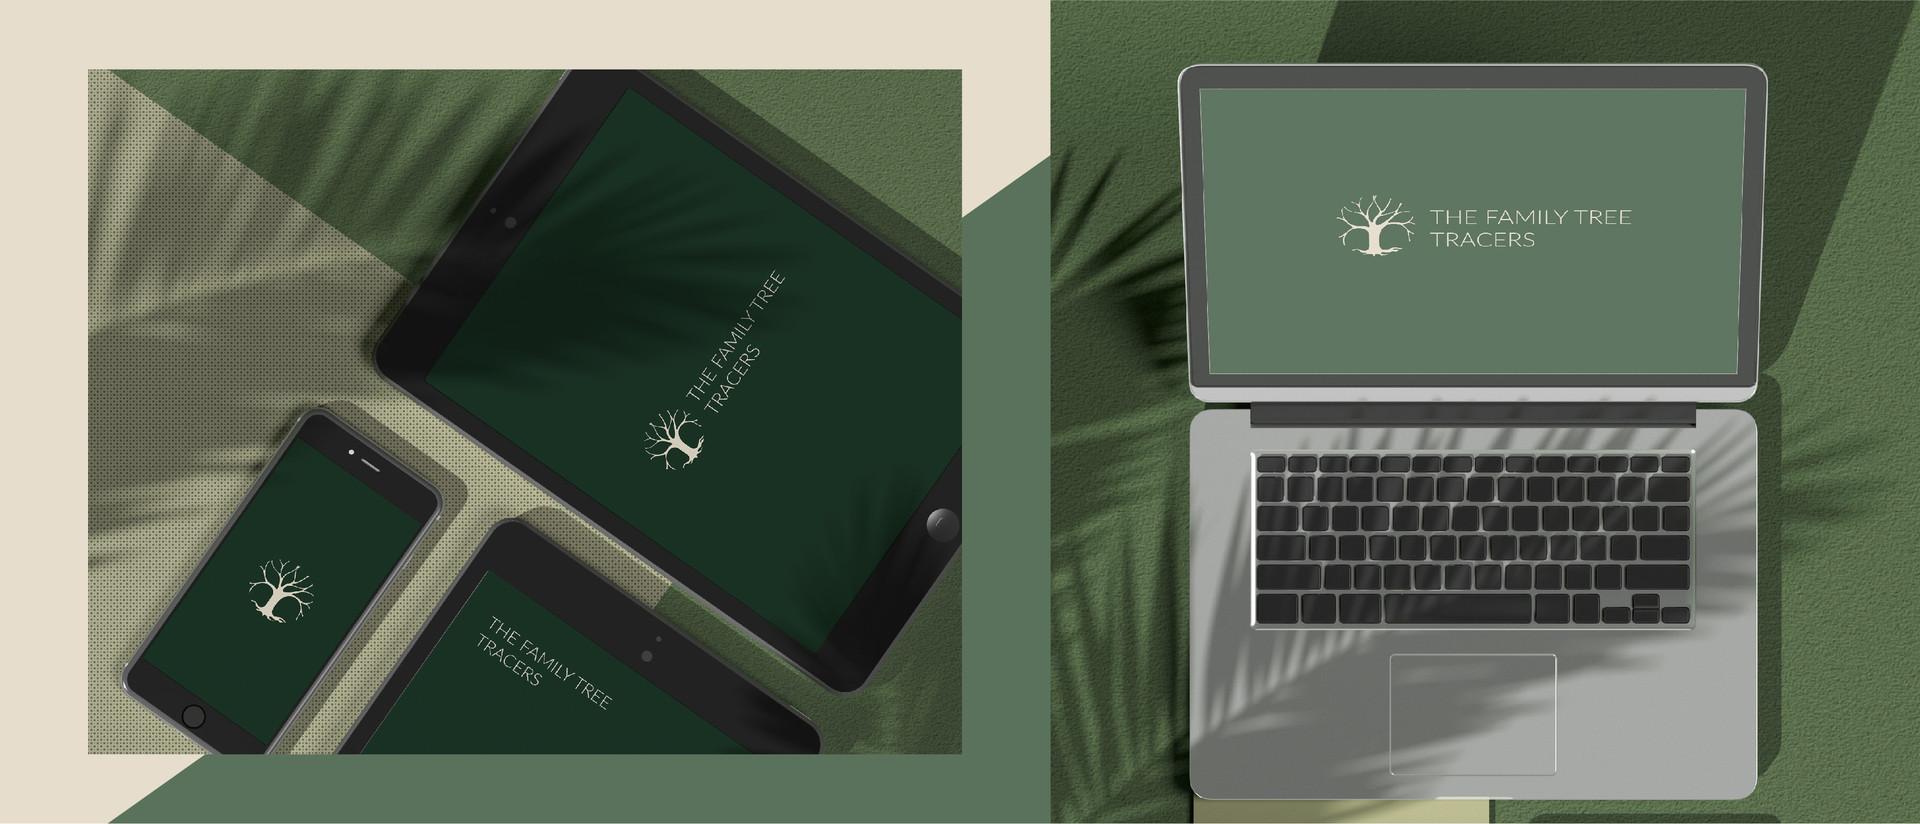 品牌设计_画板 1 副本 3.jpg